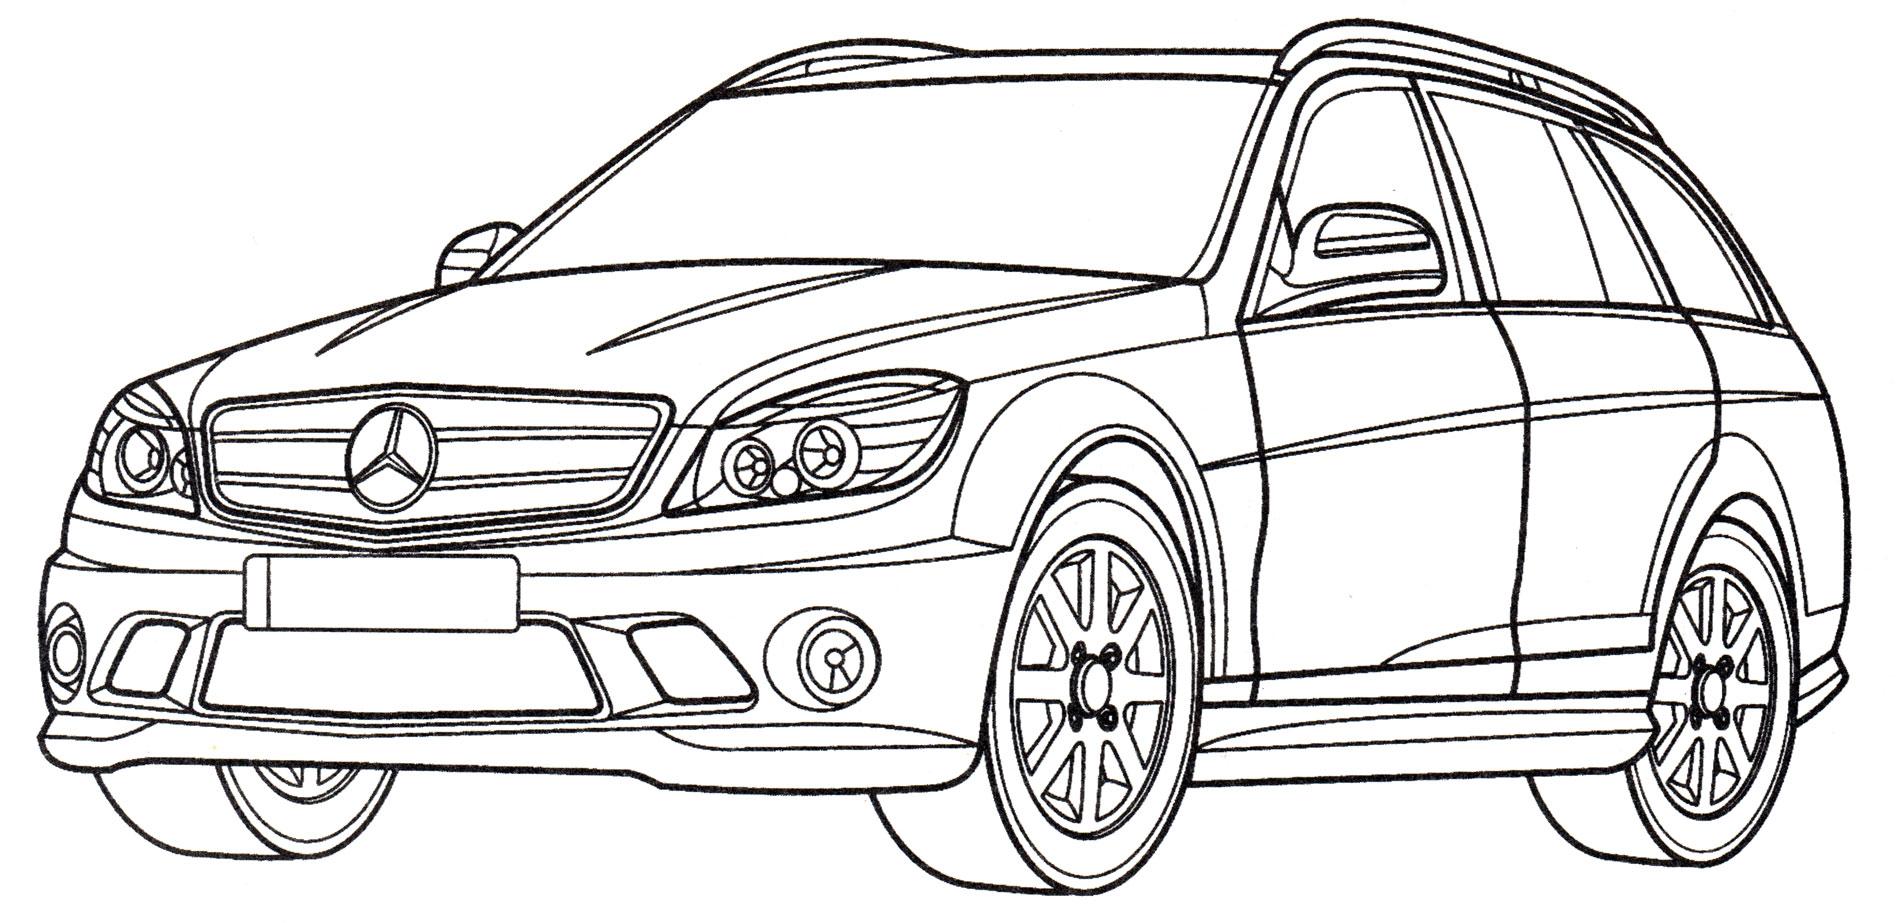 Раскраска Mercedes C63 AMG - распечатать бесплатно